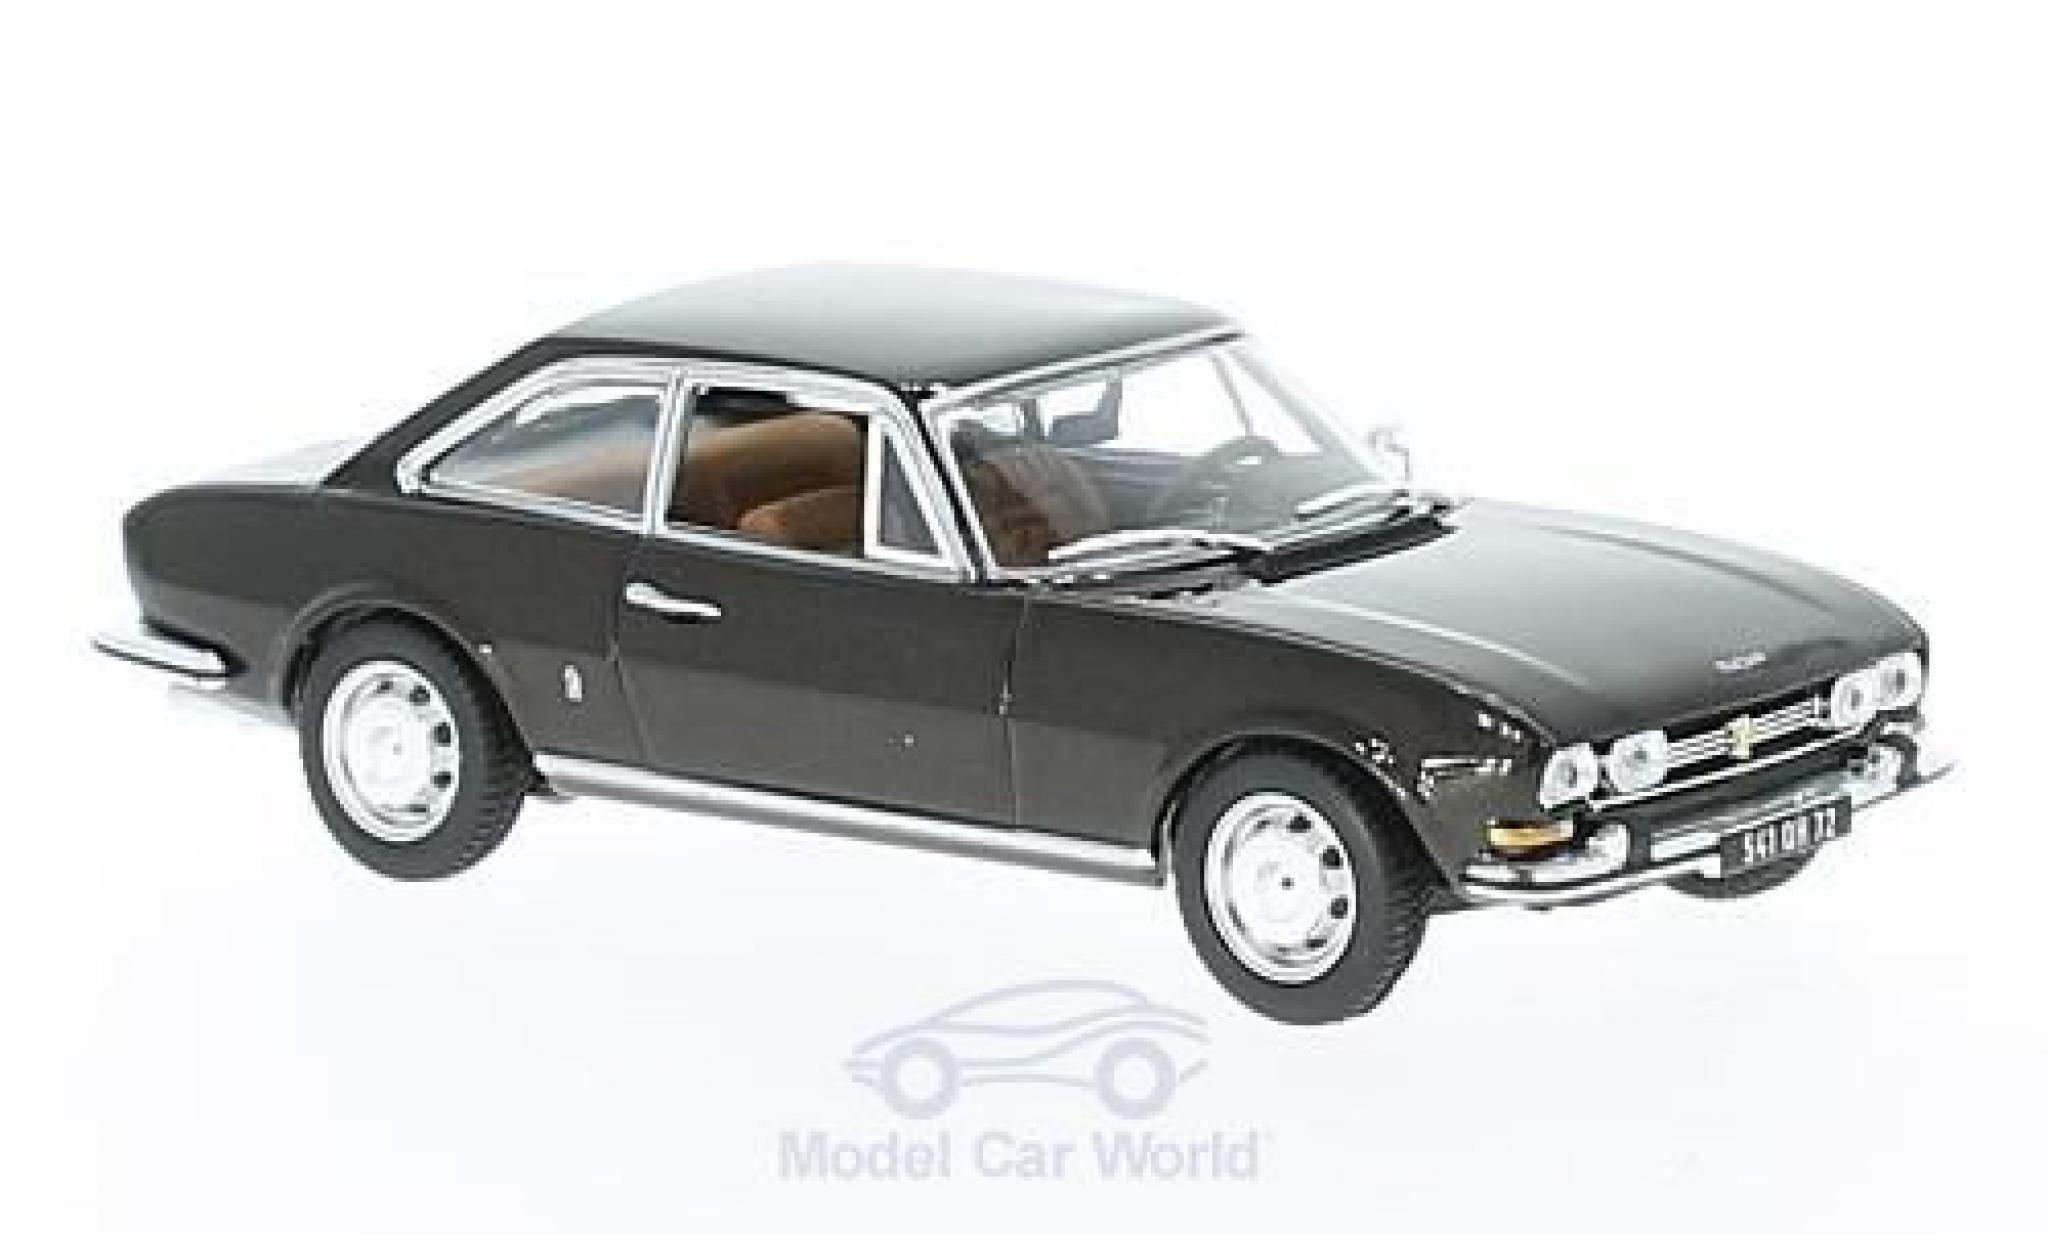 Peugeot 504 coupe 1/43 Norev Coupe métallisé marron 1969